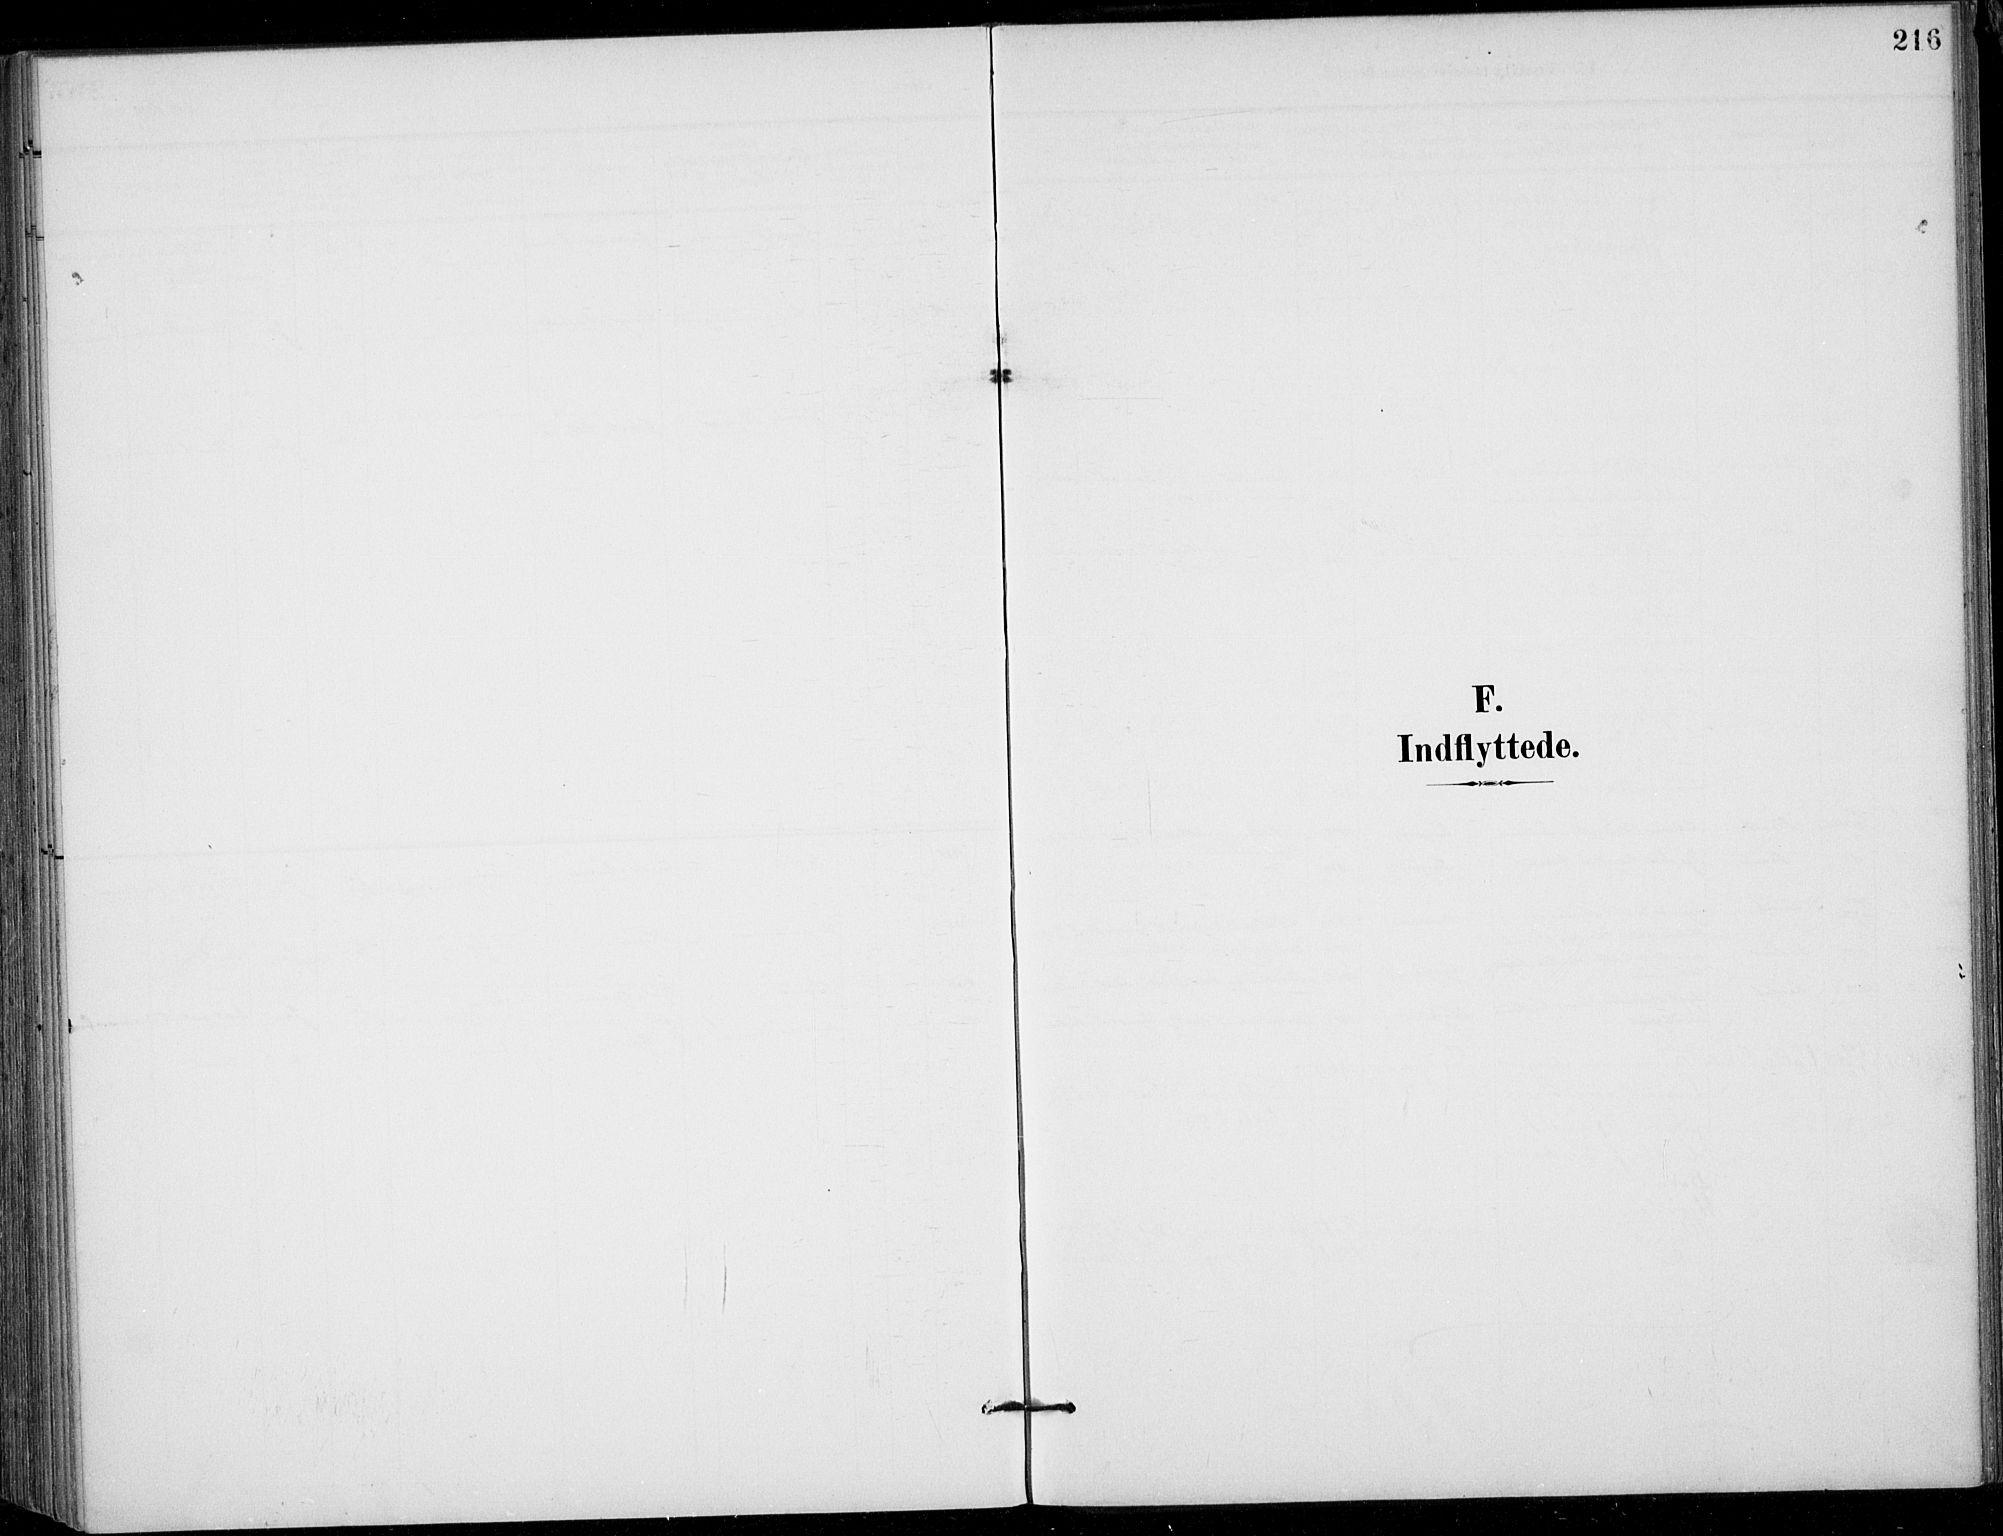 SAKO, Siljan kirkebøker, F/Fa/L0003: Ministerialbok nr. 3, 1896-1910, s. 216